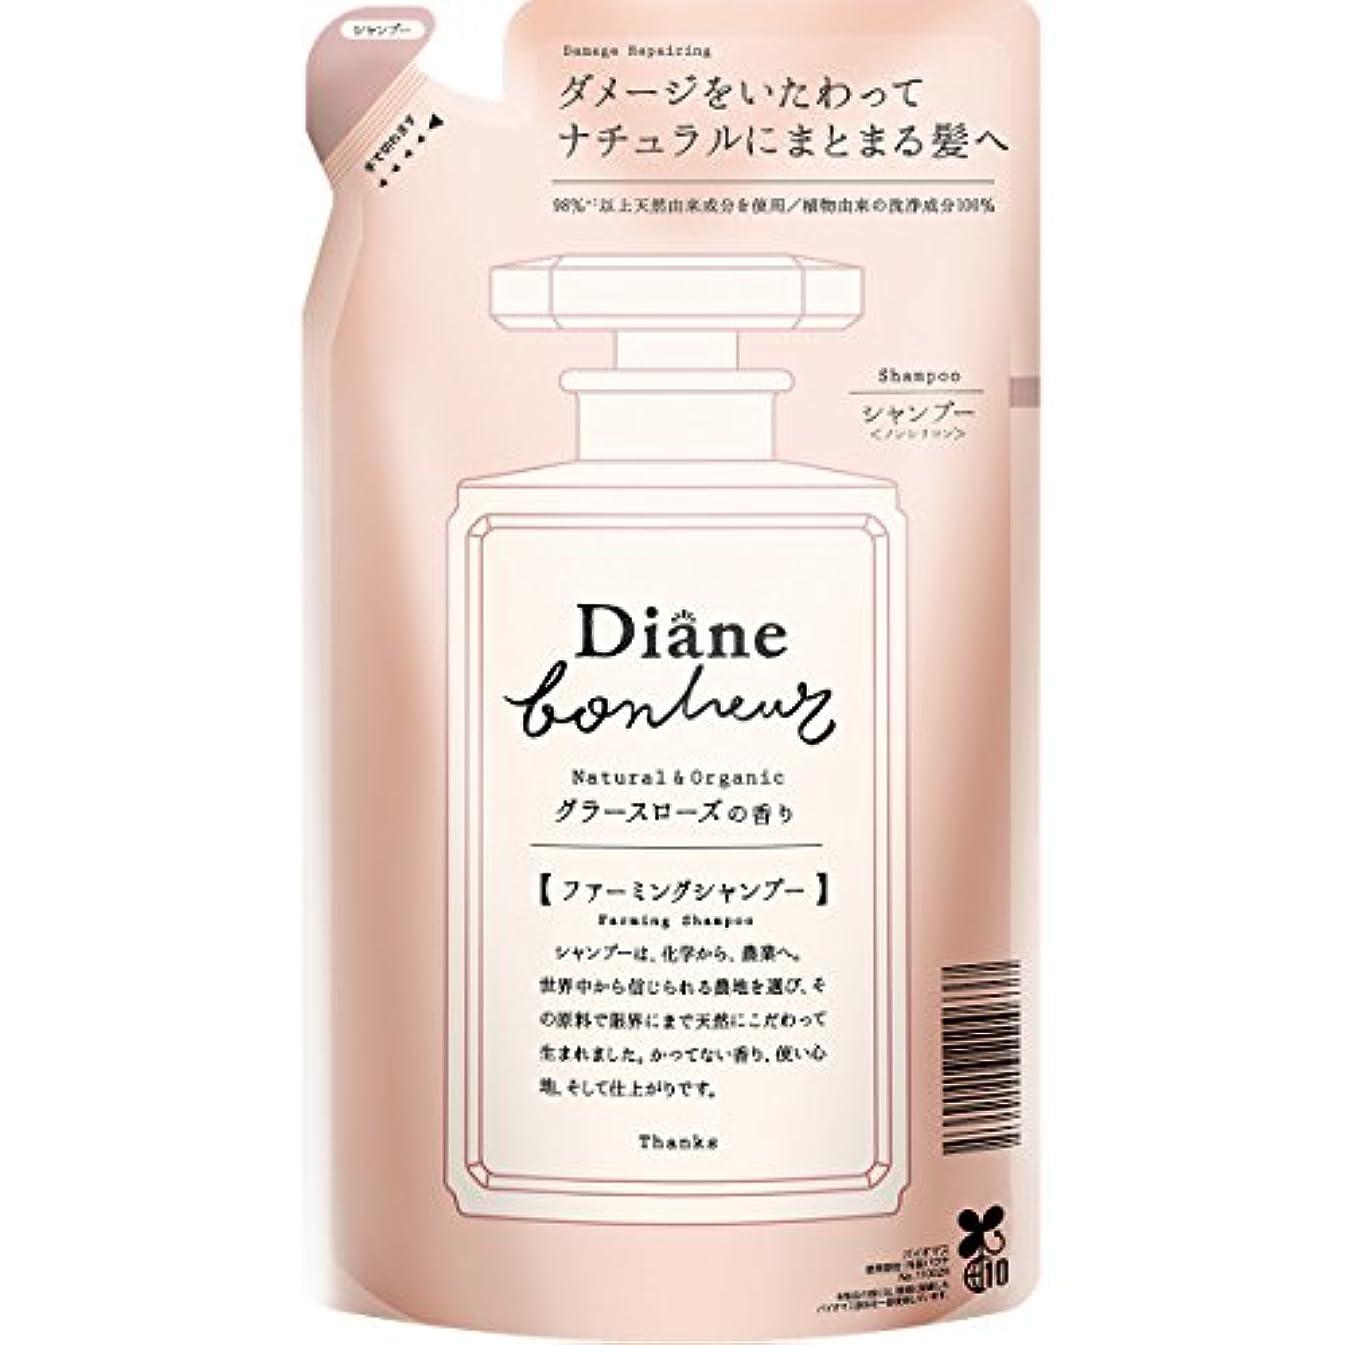 減らす同情的罪悪感ダイアン ボヌール グラースローズの香り ダメージリペア シャンプー 詰め替え 400ml